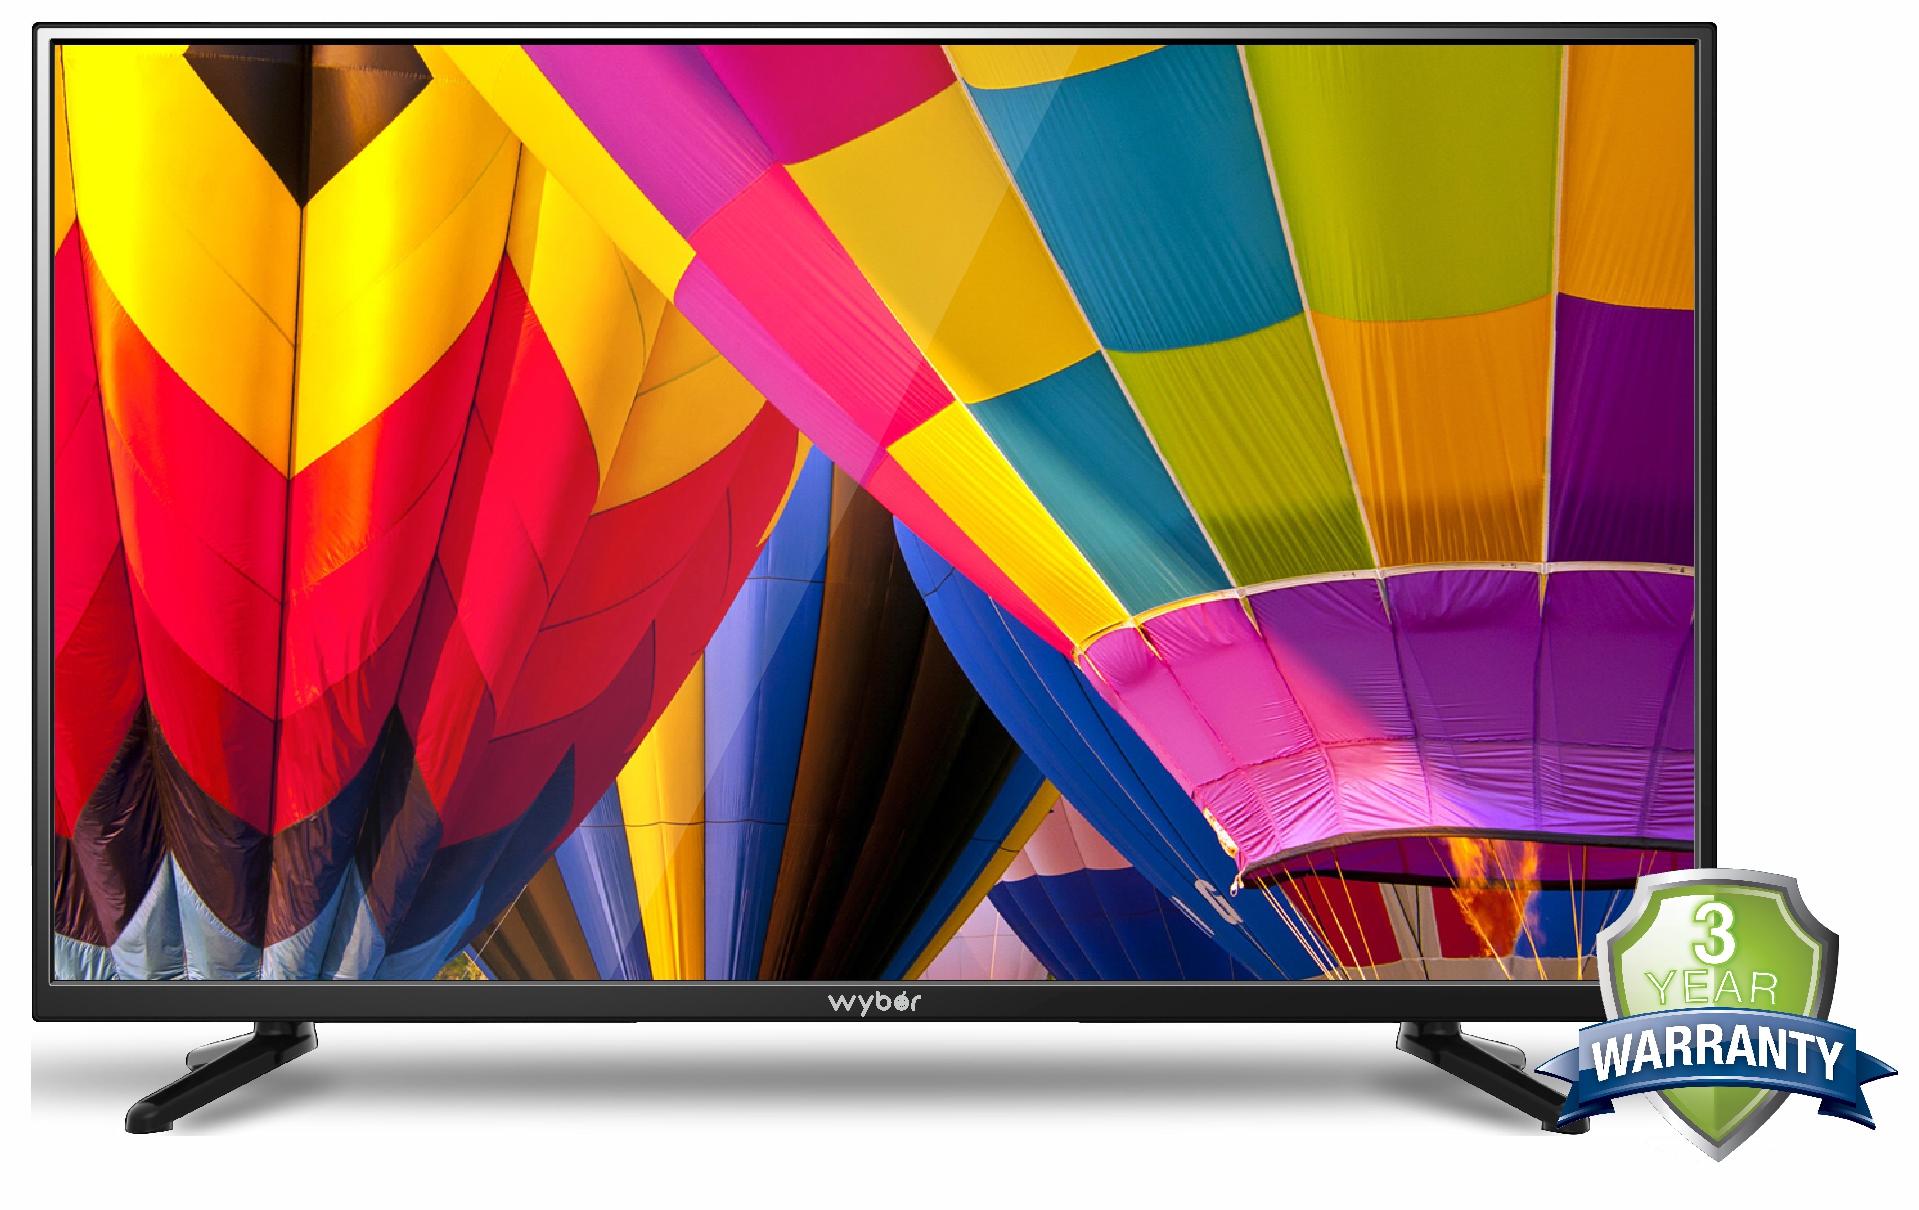 WYBOR W324EW3 32 Inches HD Ready LED TV